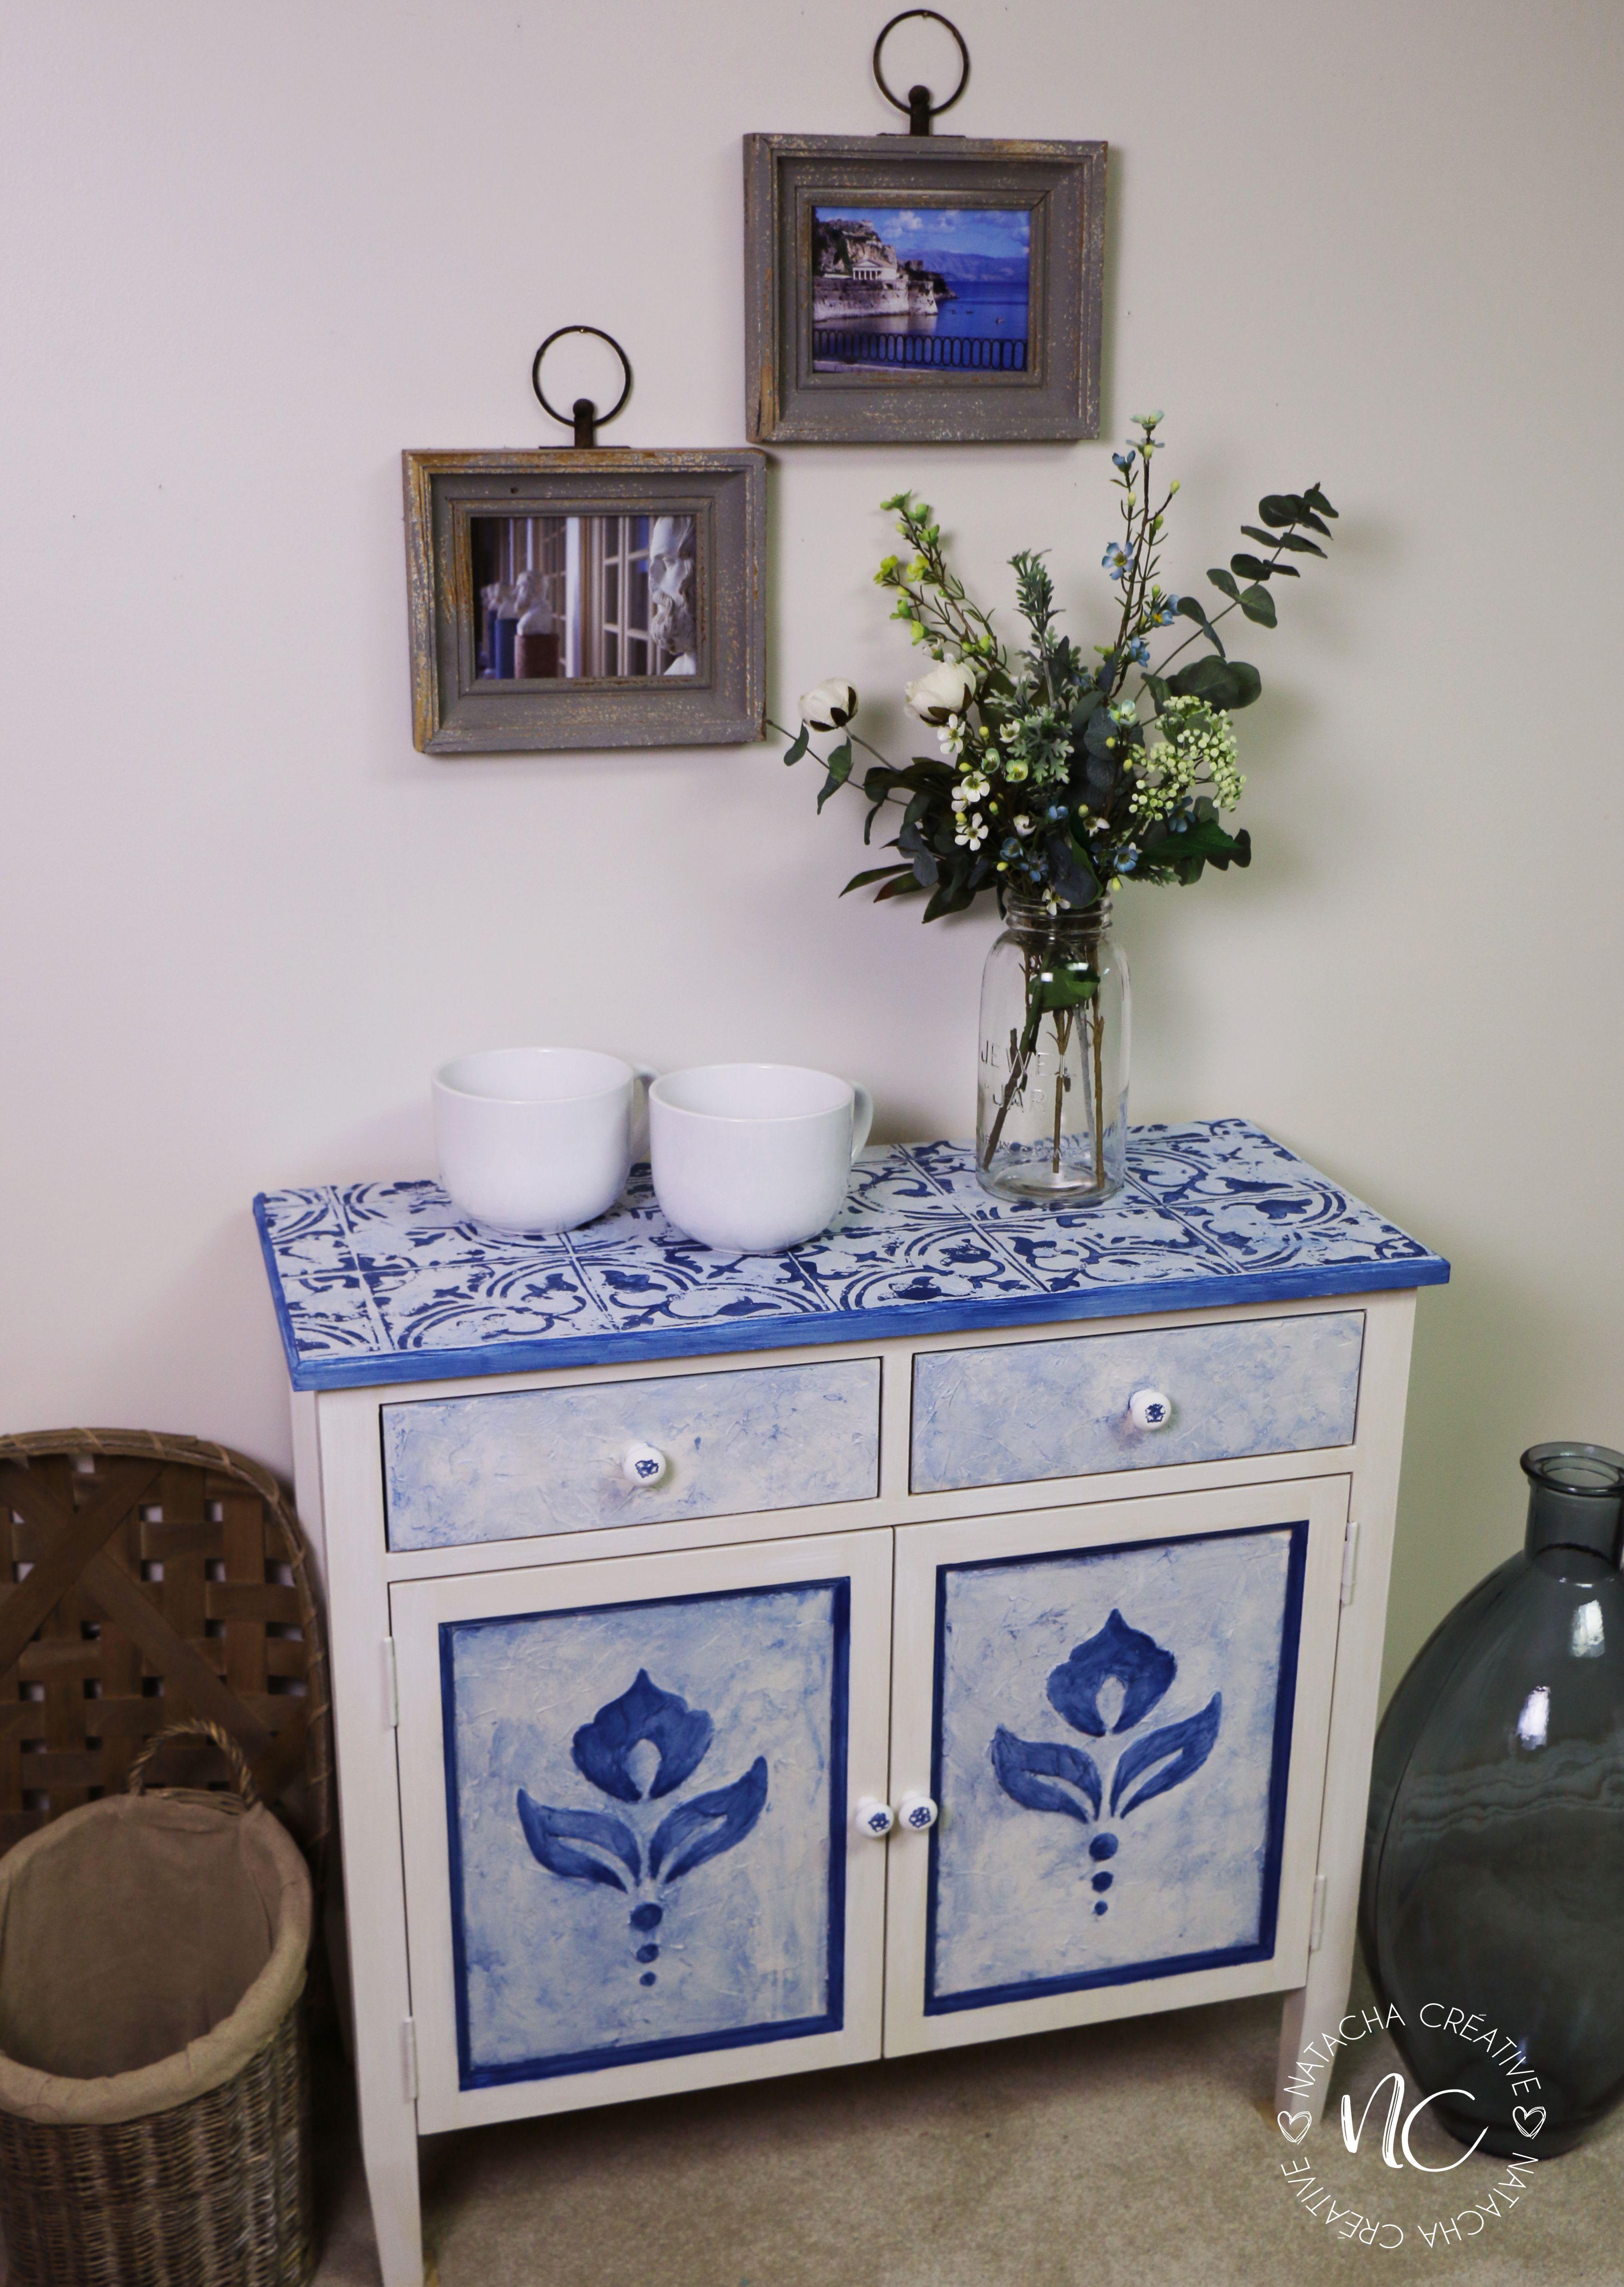 Meuble Peint Avec De La Peinture Colorantic Puis Ajout De Texture Avec Motifs De Pochoir De La Collection Natacha Creative Motifs Decor Home Decor Furniture